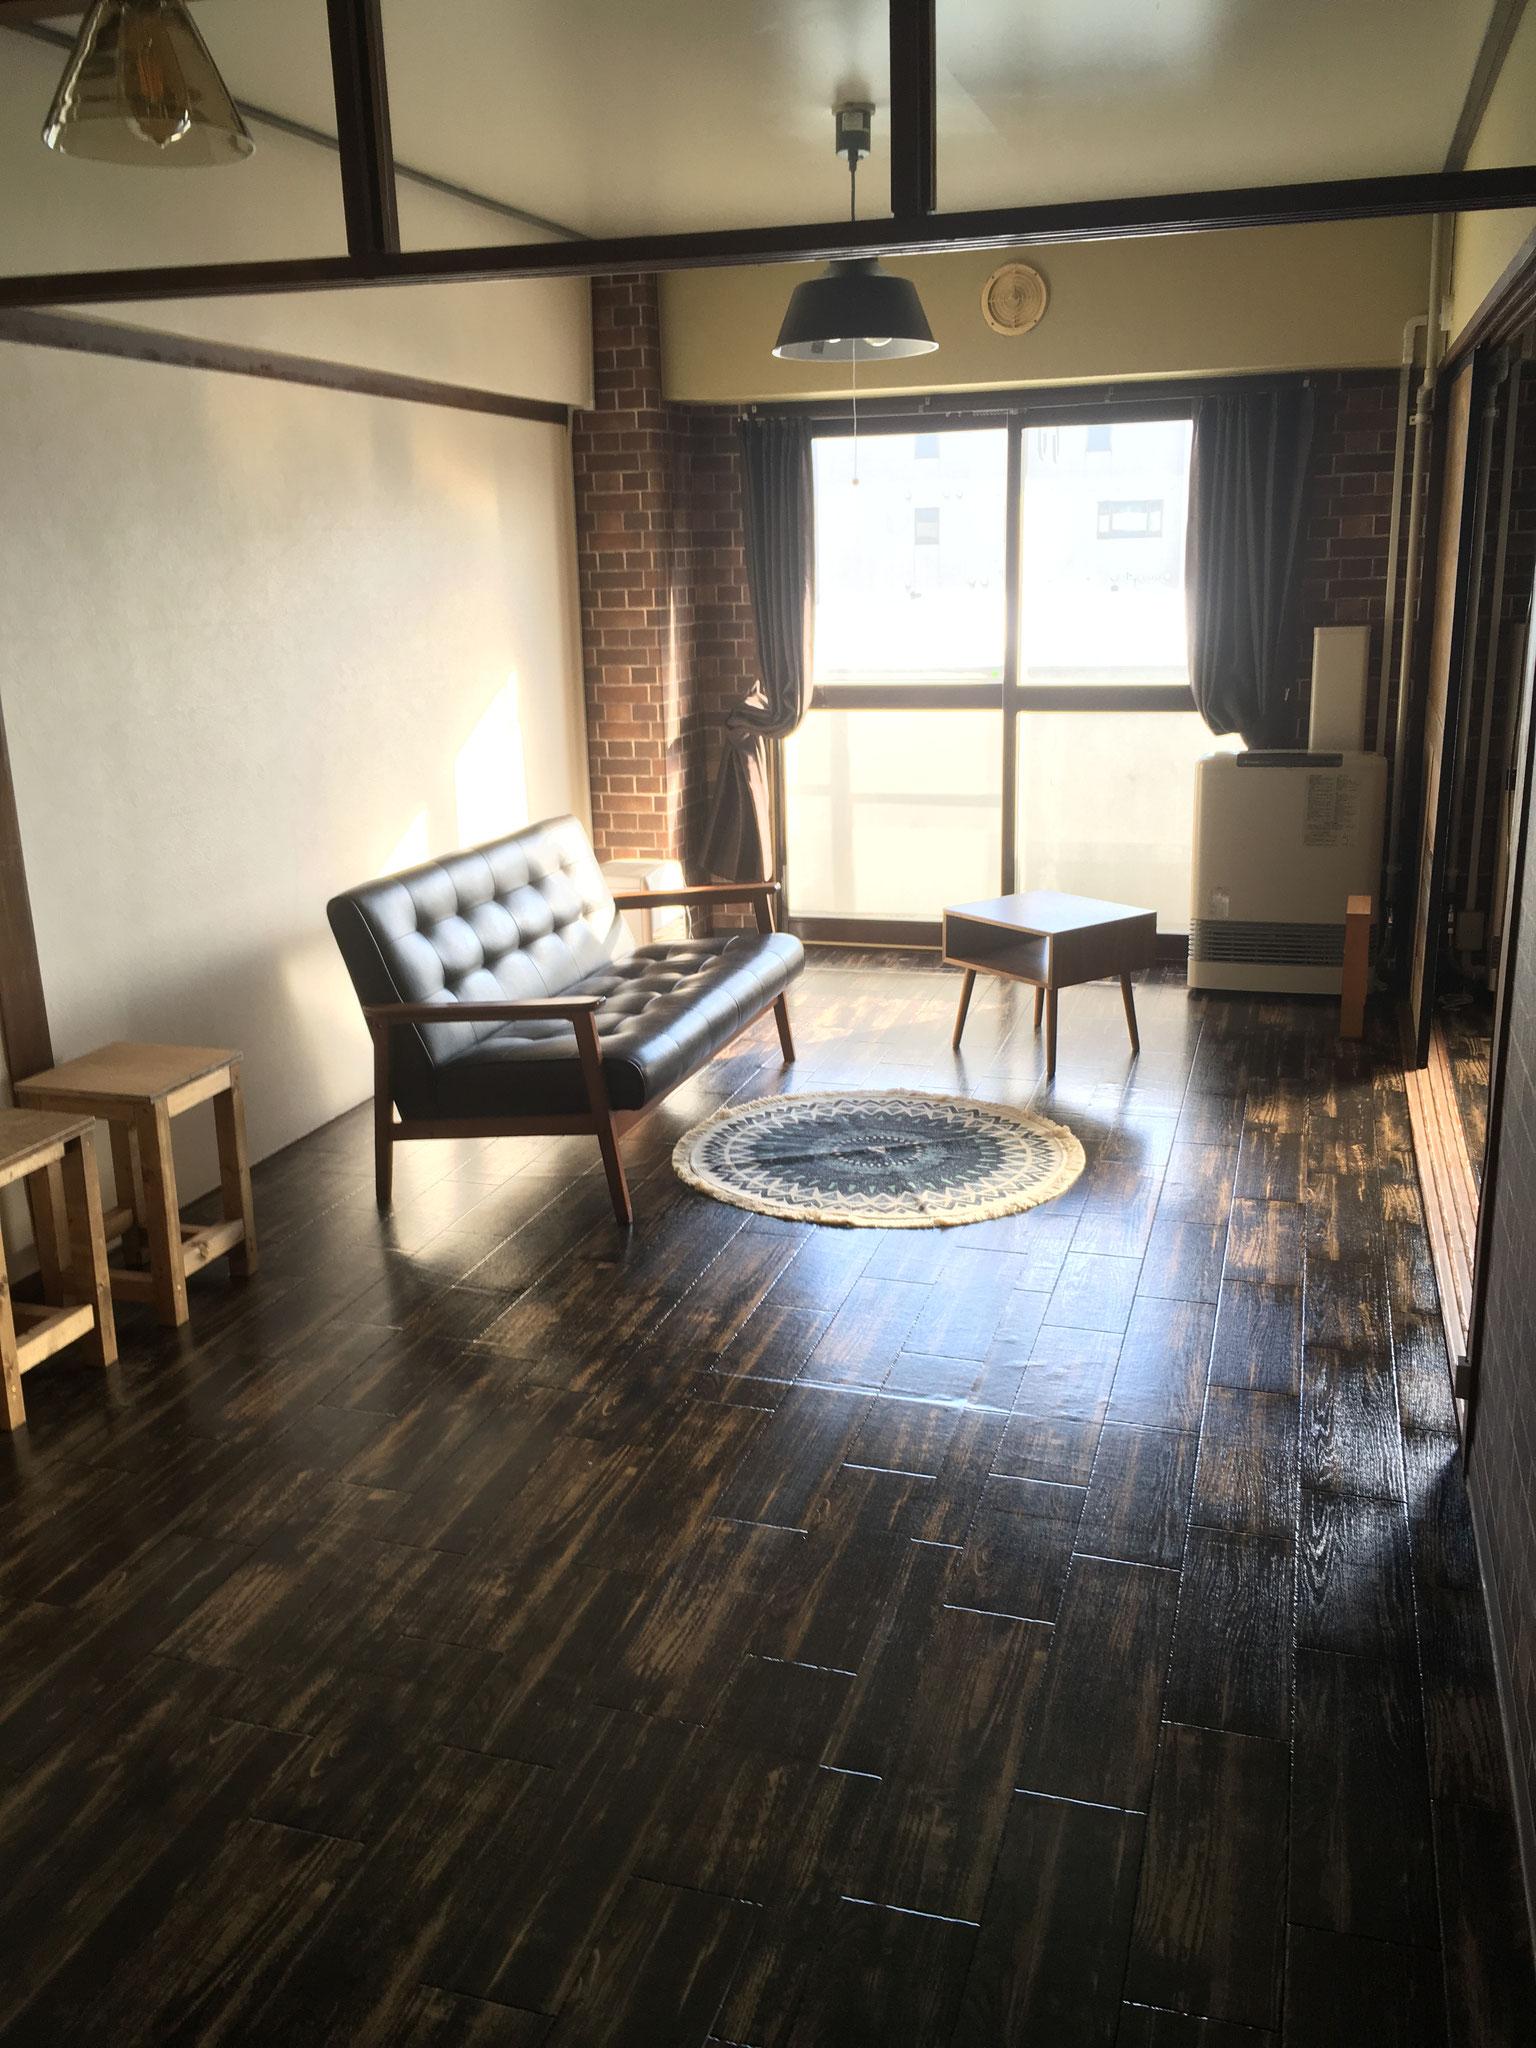 江別・札幌で中古マンションのリノベーションデザインを手掛けています。